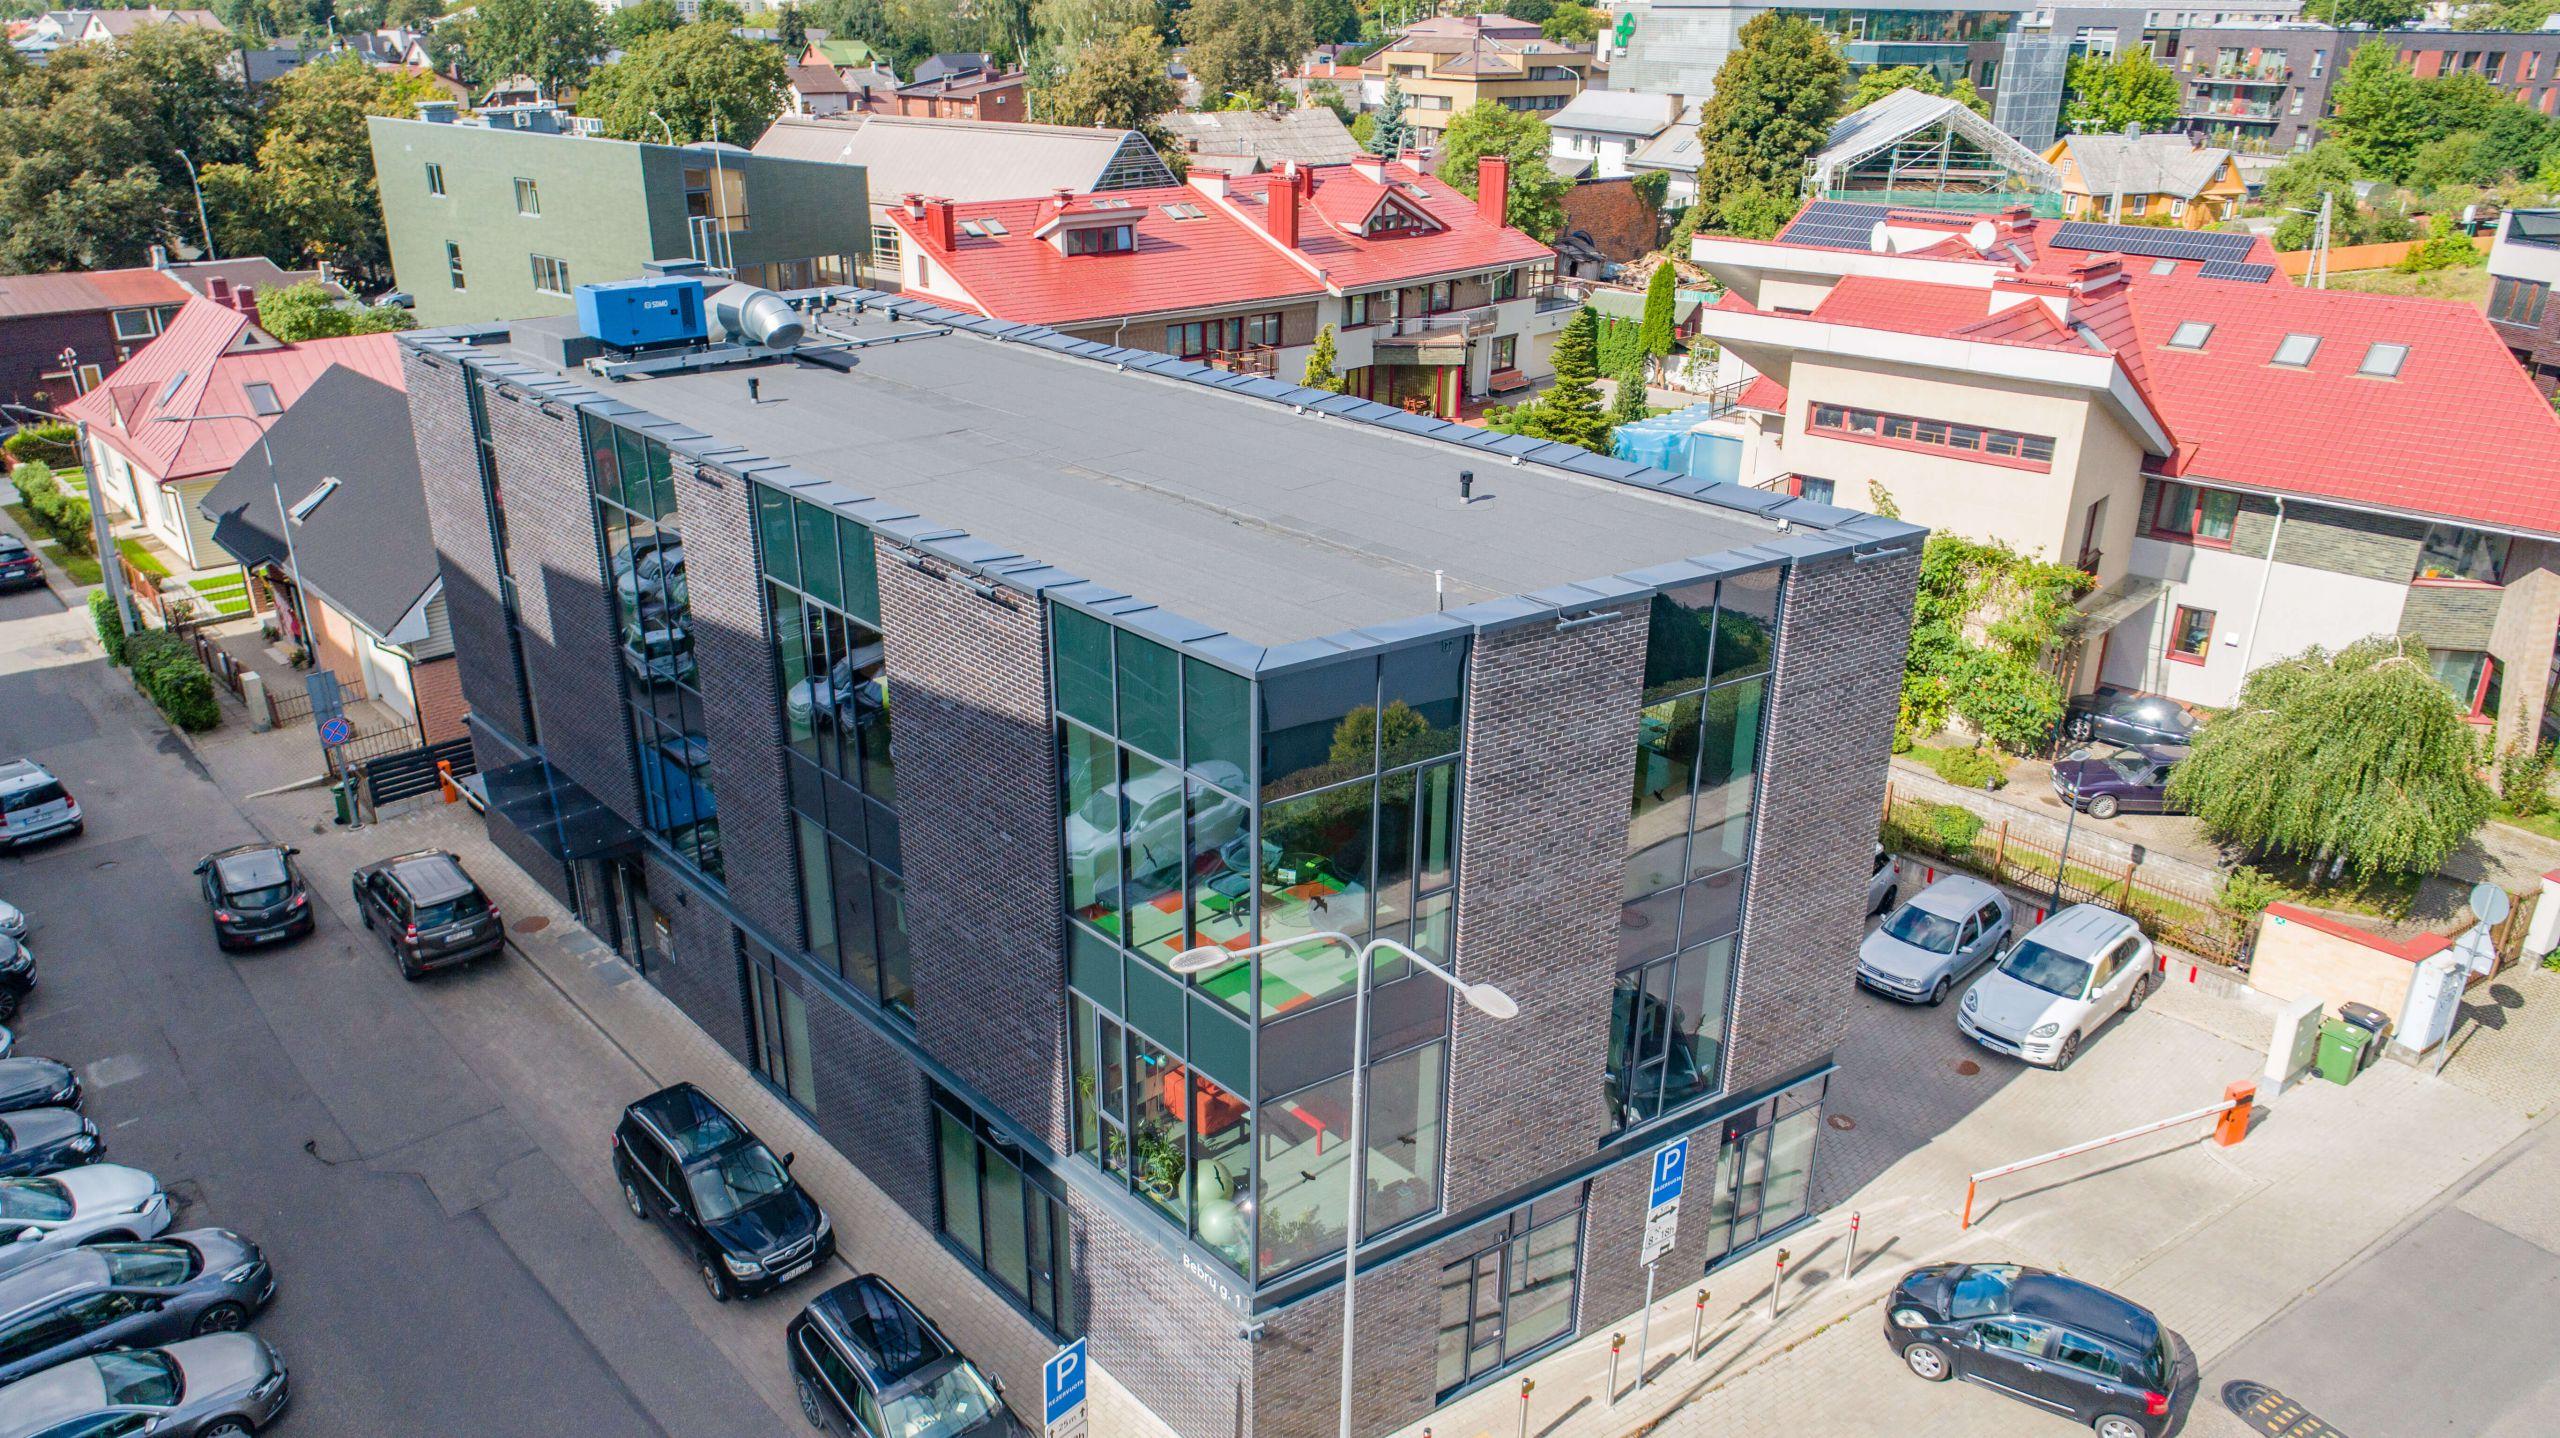 Bebrų g. 1 - Administracinis pastatas